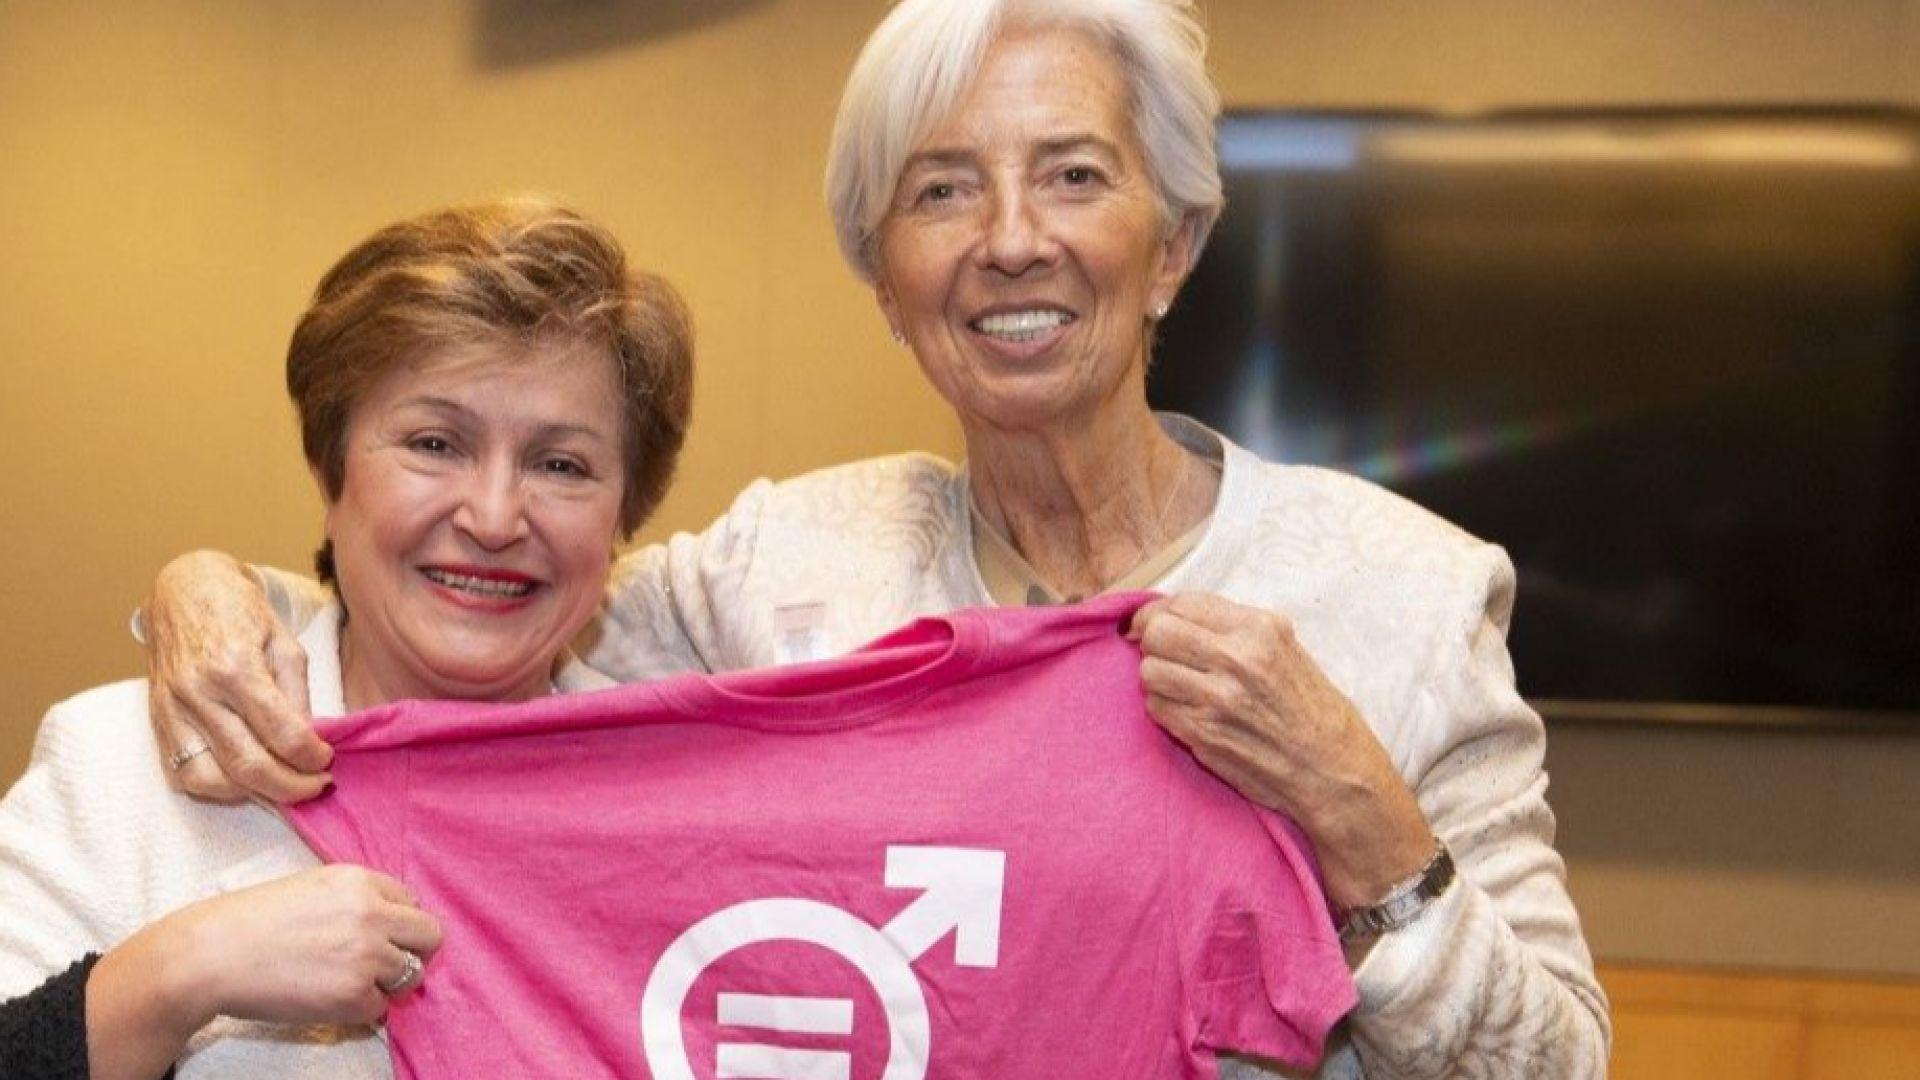 Избират европейския кандидат за шеф на МВФ, ЕС отново е разделен